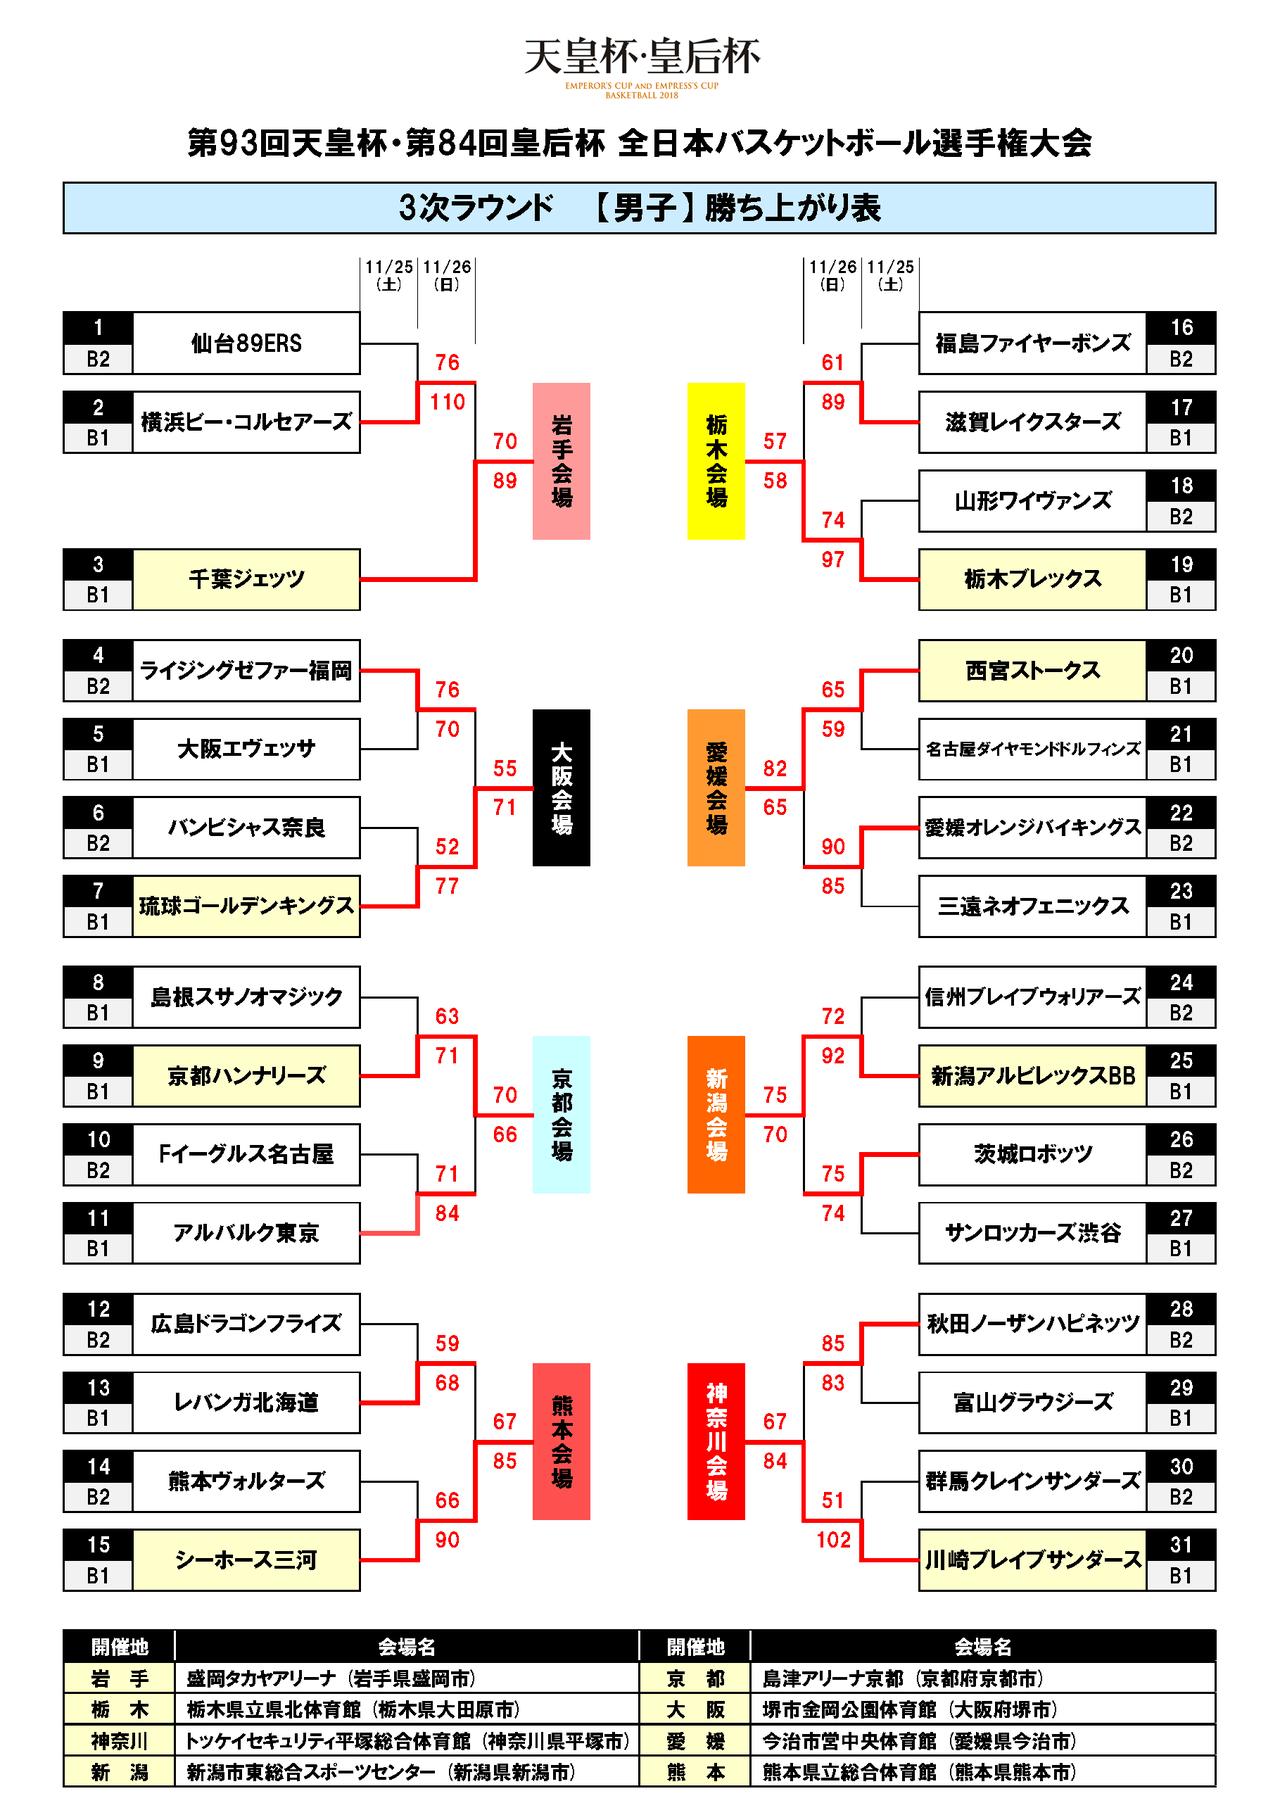 天皇杯 3次ラウンド トーナメント表